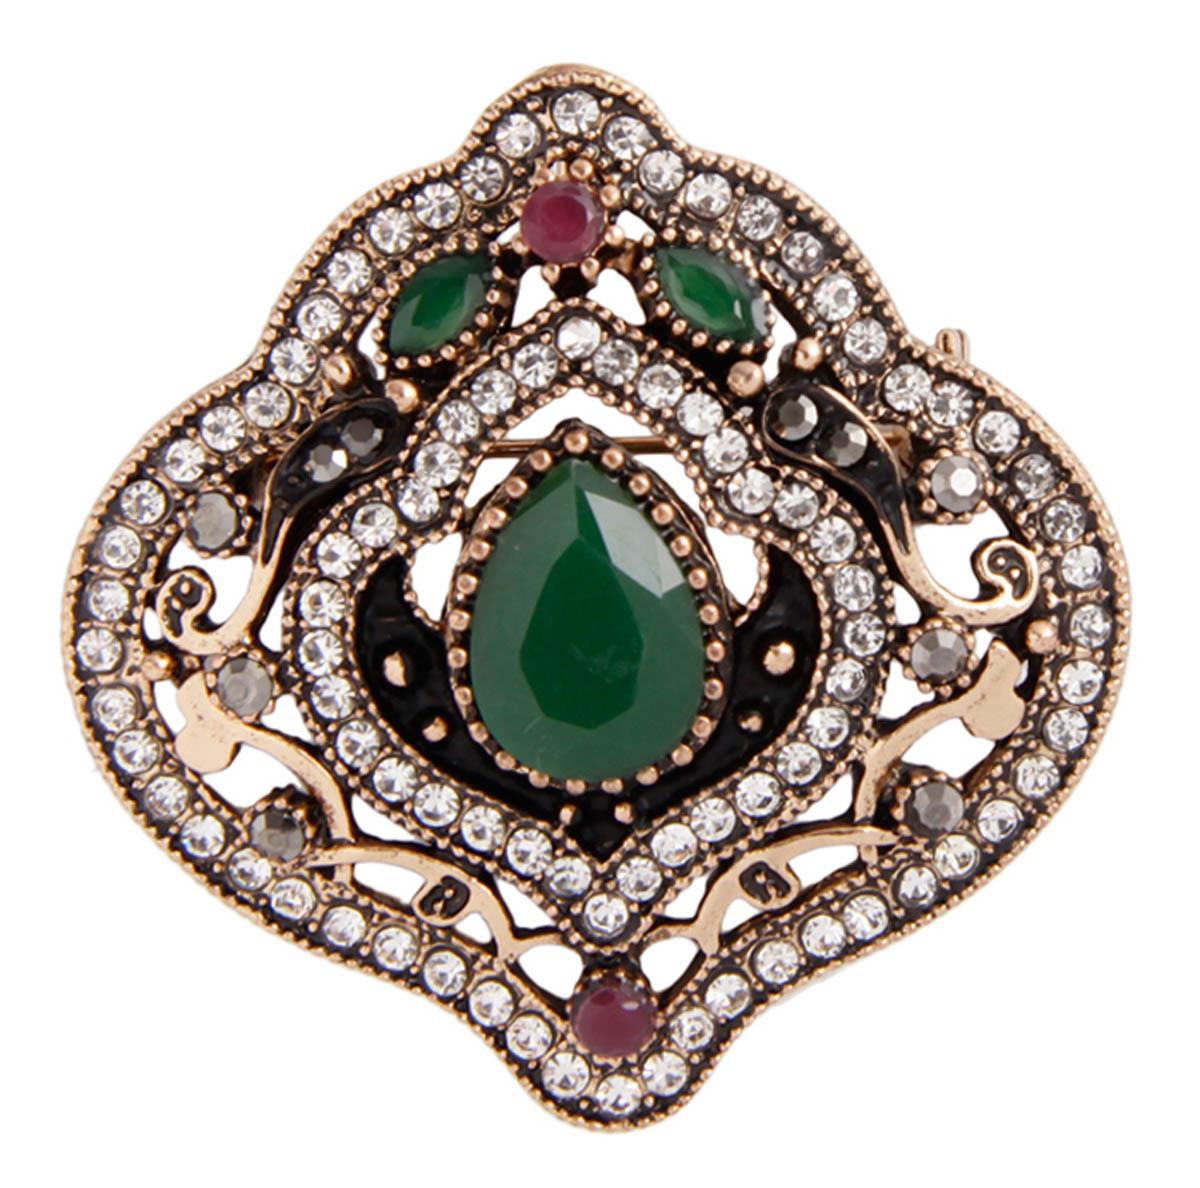 """Брошь-подвеска """"Босфорские мотивы"""" в византийском стиле. Бижутерный сплав, австрийские кристаллы, искусственные камни. Конец XX века"""